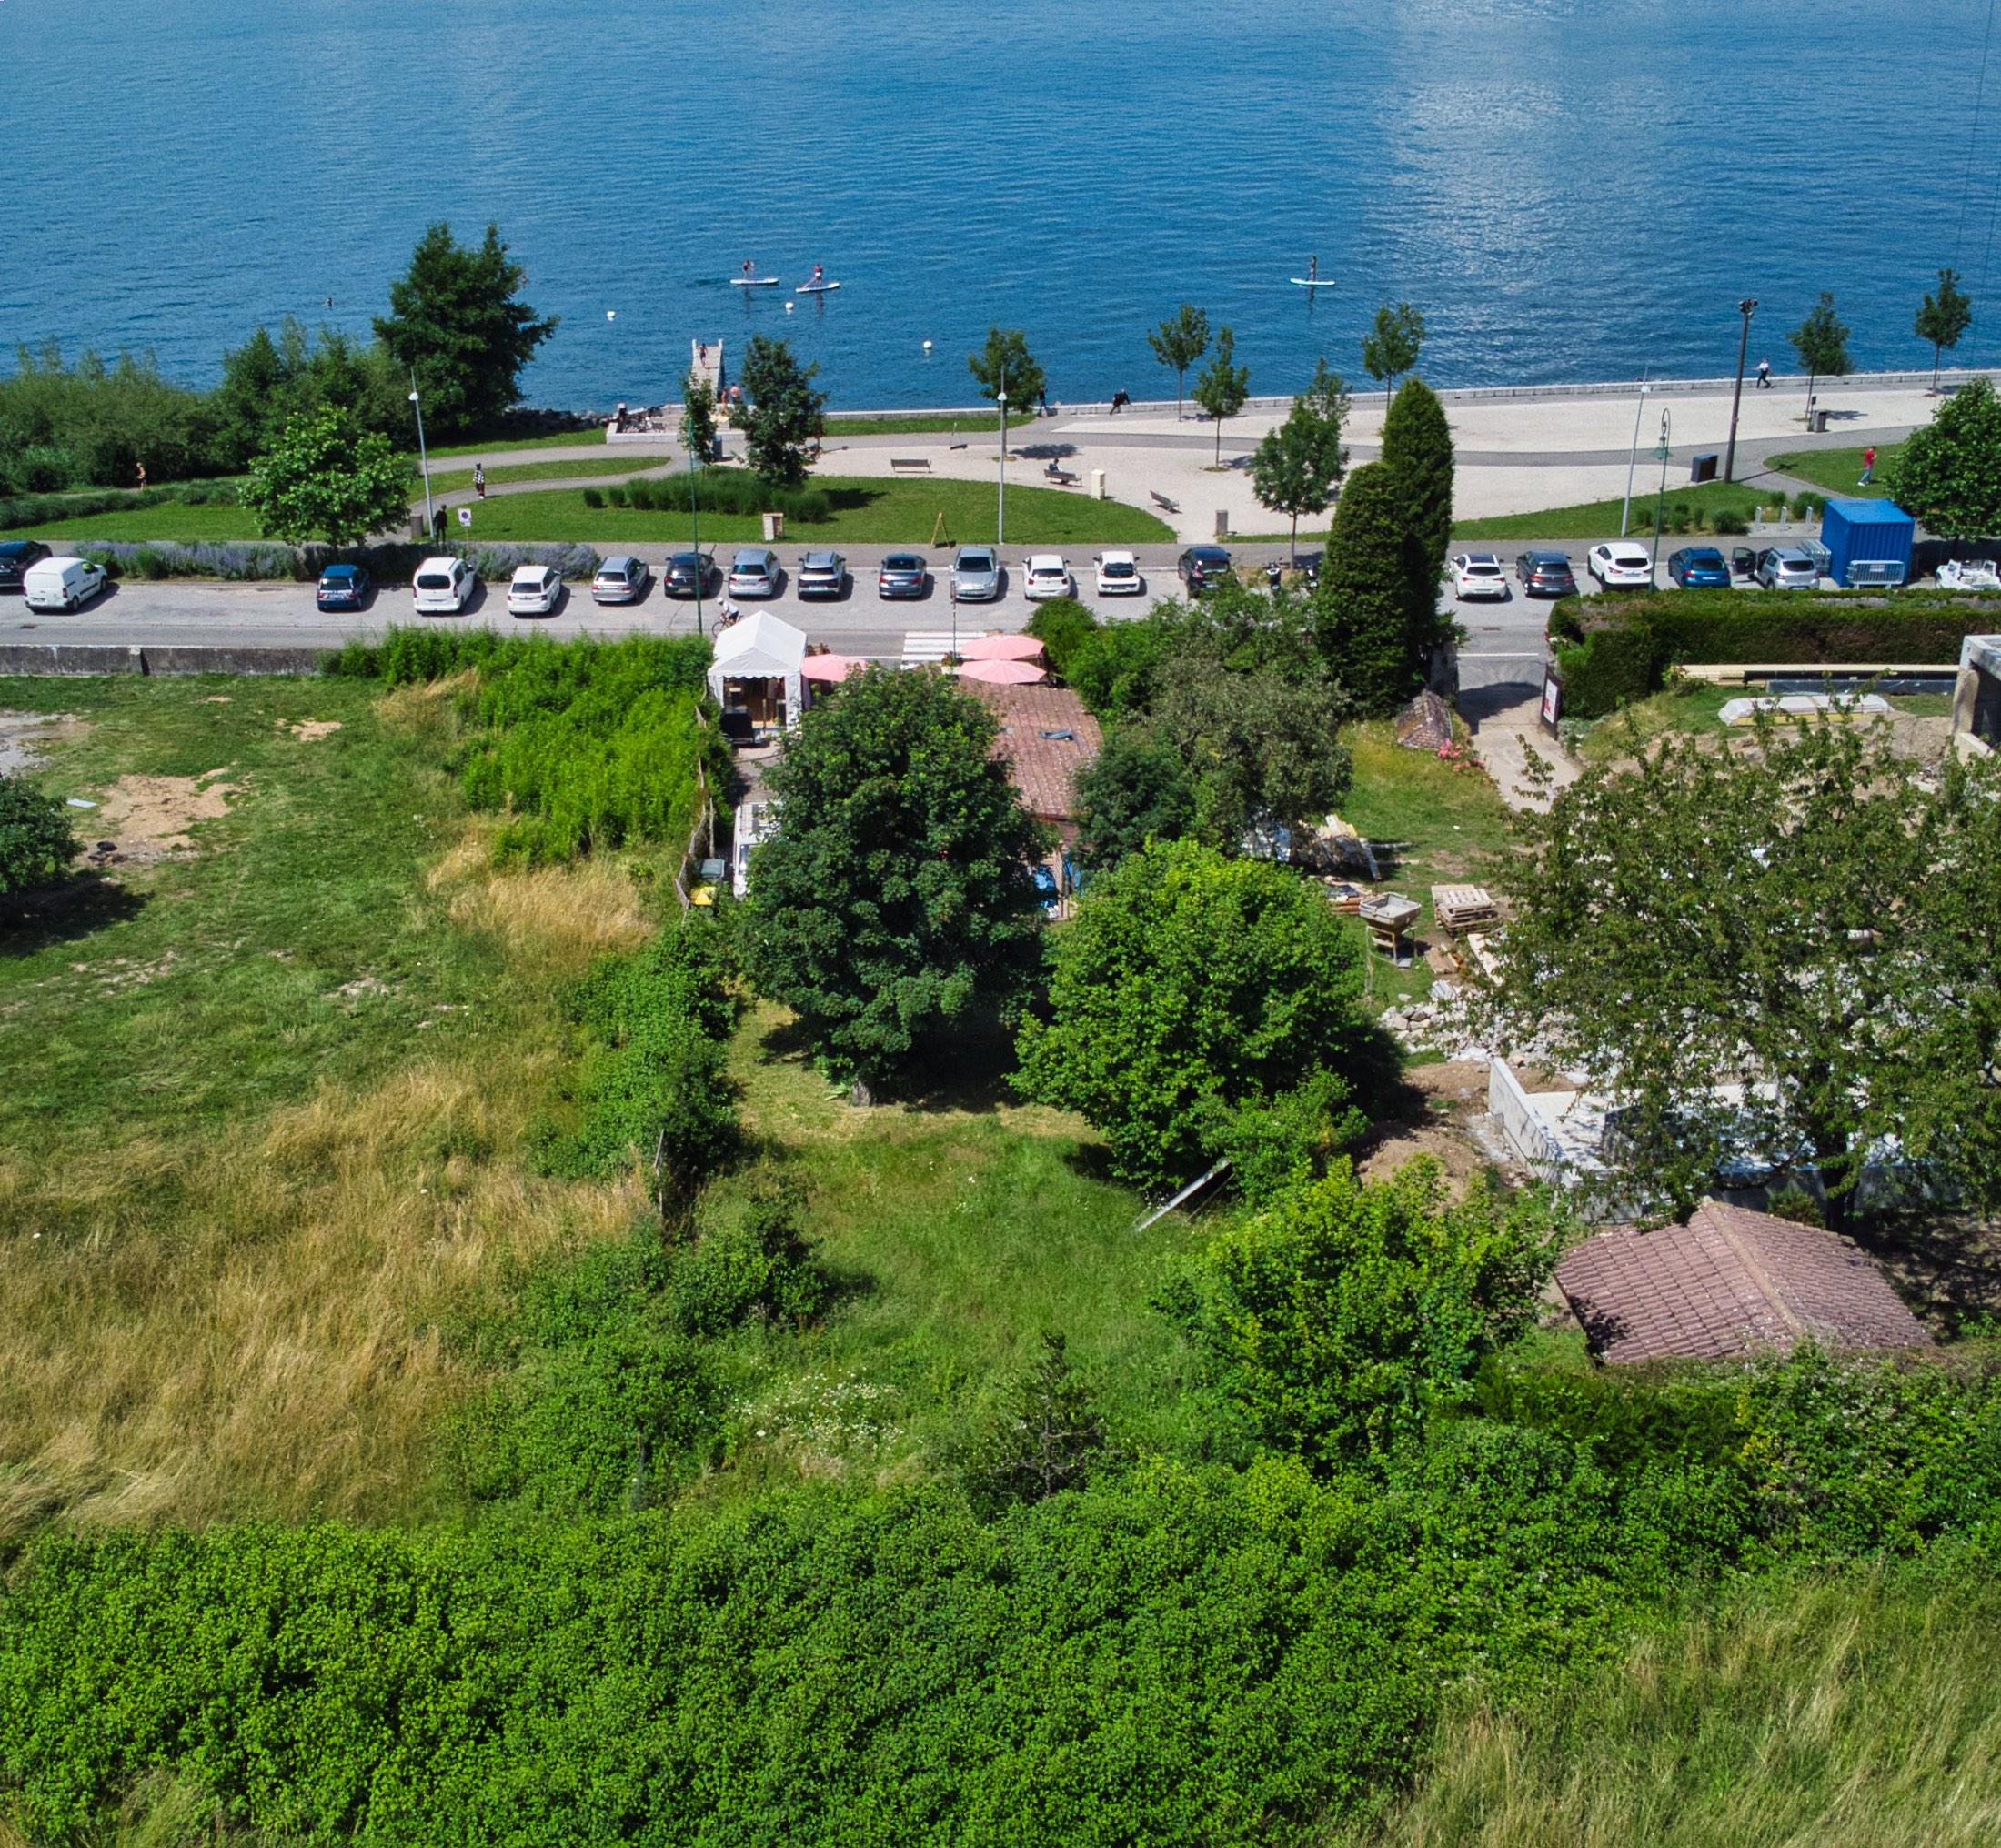 коммерческая недвижимость эвиан женевское озеро франция